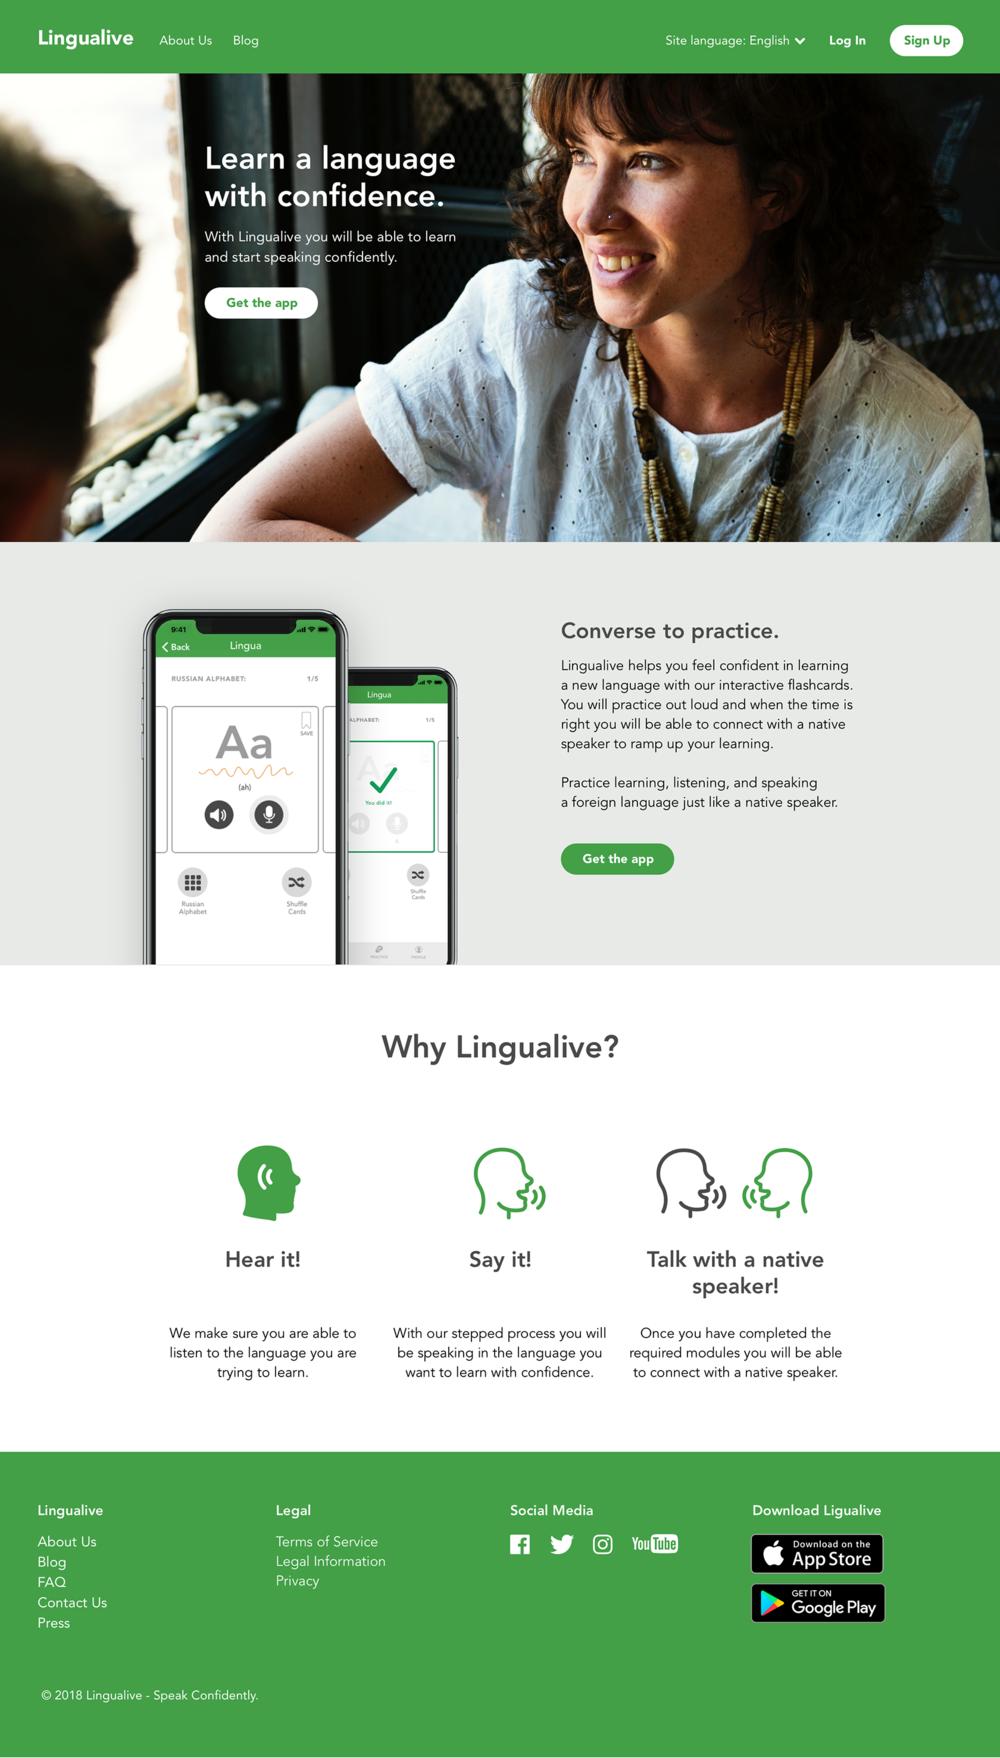 lingualive-website